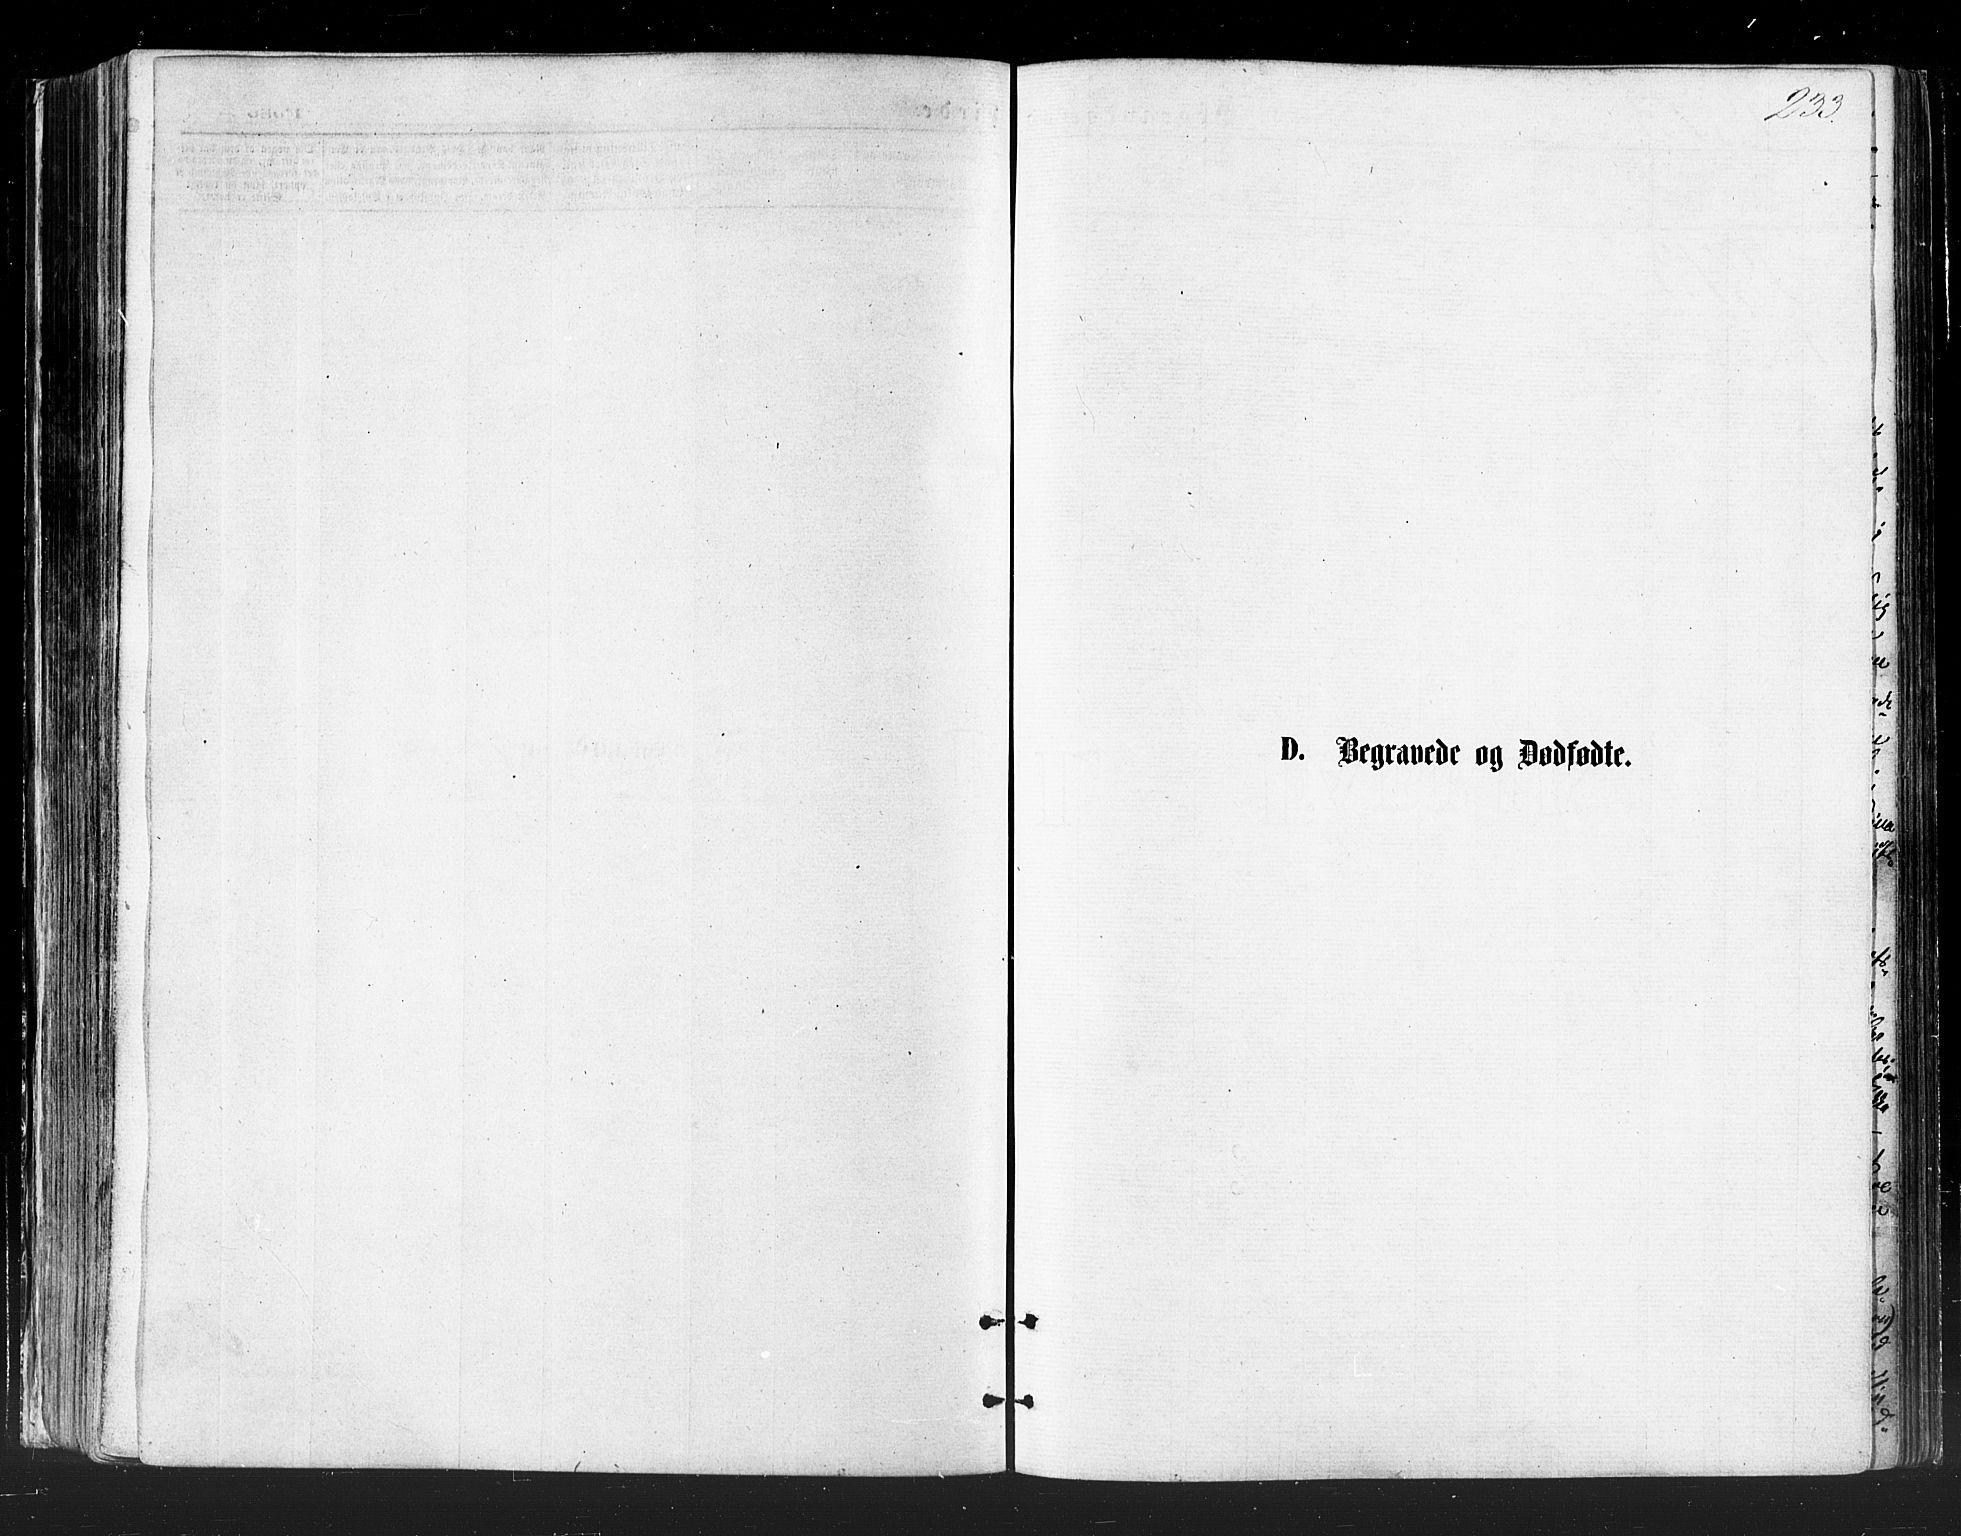 SATØ, Vadsø soknepreskontor, H/Ha/L0005kirke: Ministerialbok nr. 5, 1873-1884, s. 233